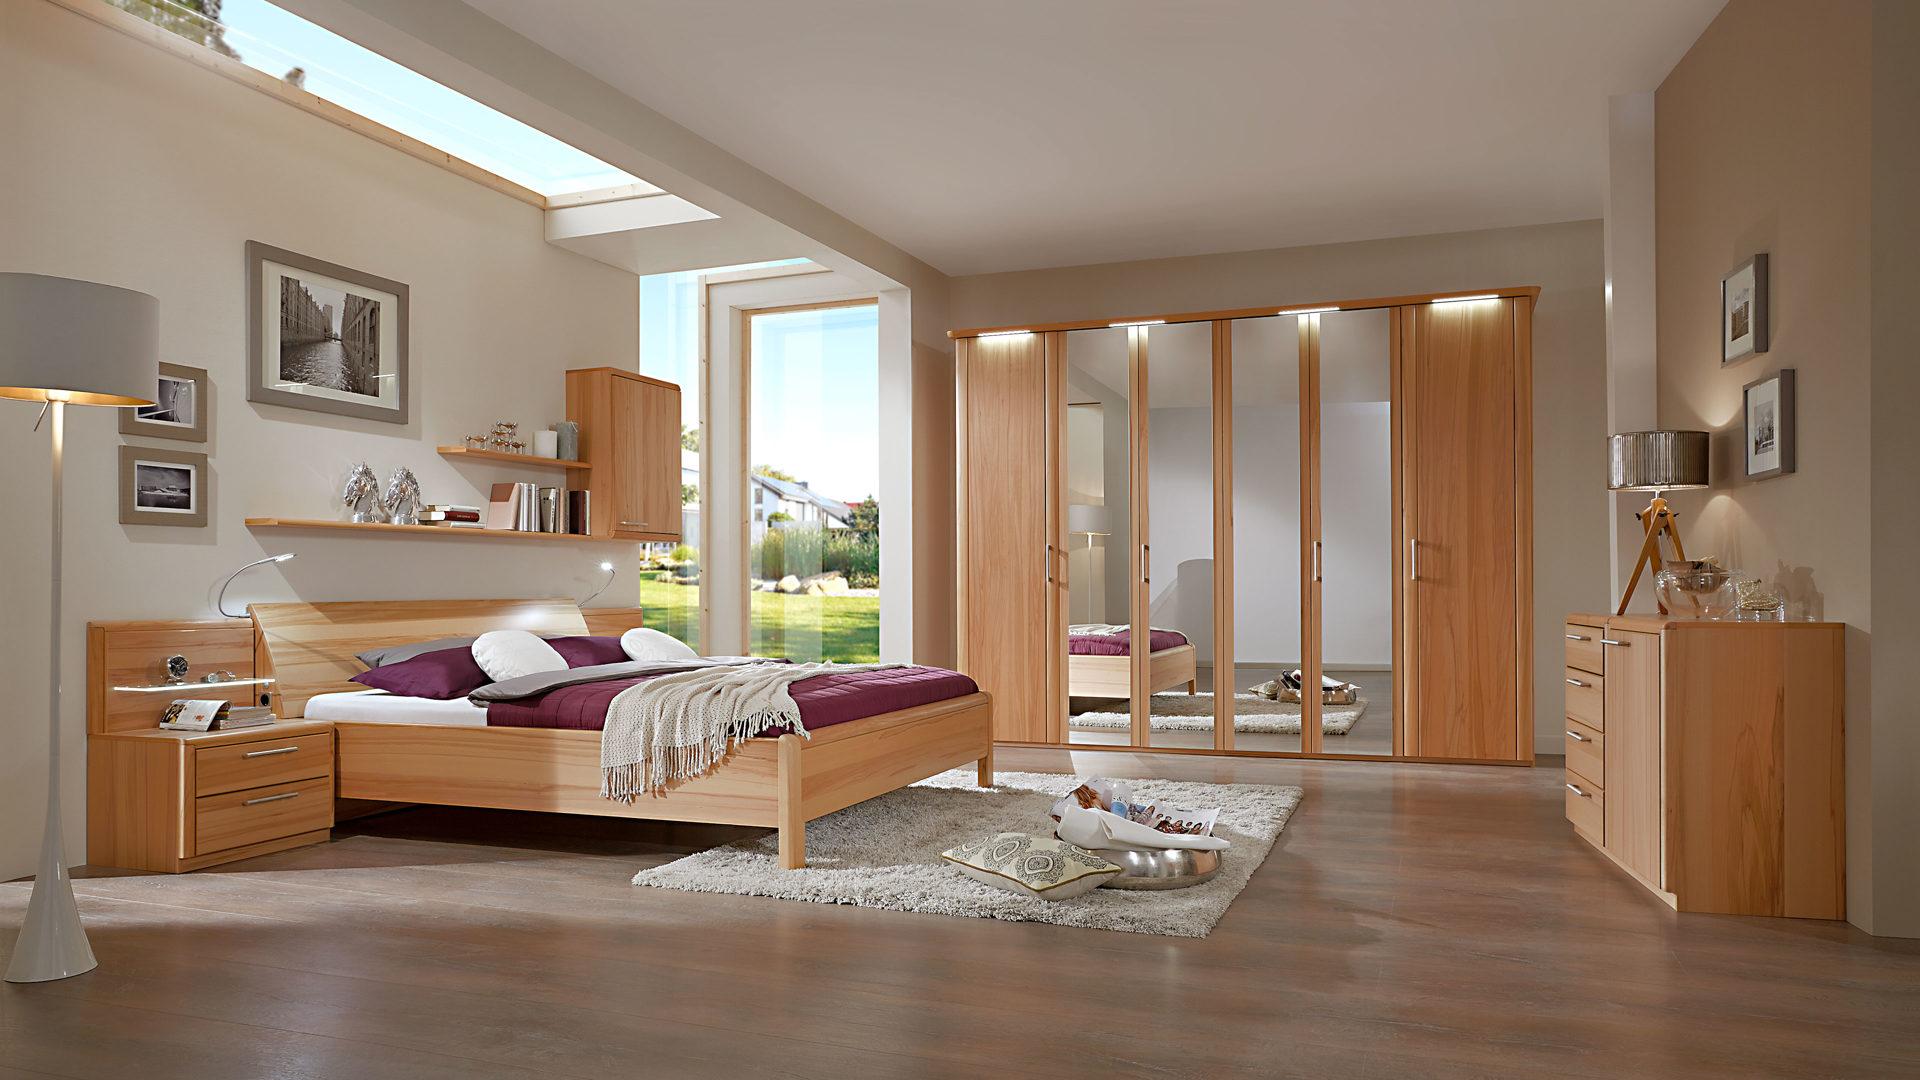 Modernes C. DISSELKAMP Schlafzimmer mit Bettgestell, Kernbuche, Bad ...